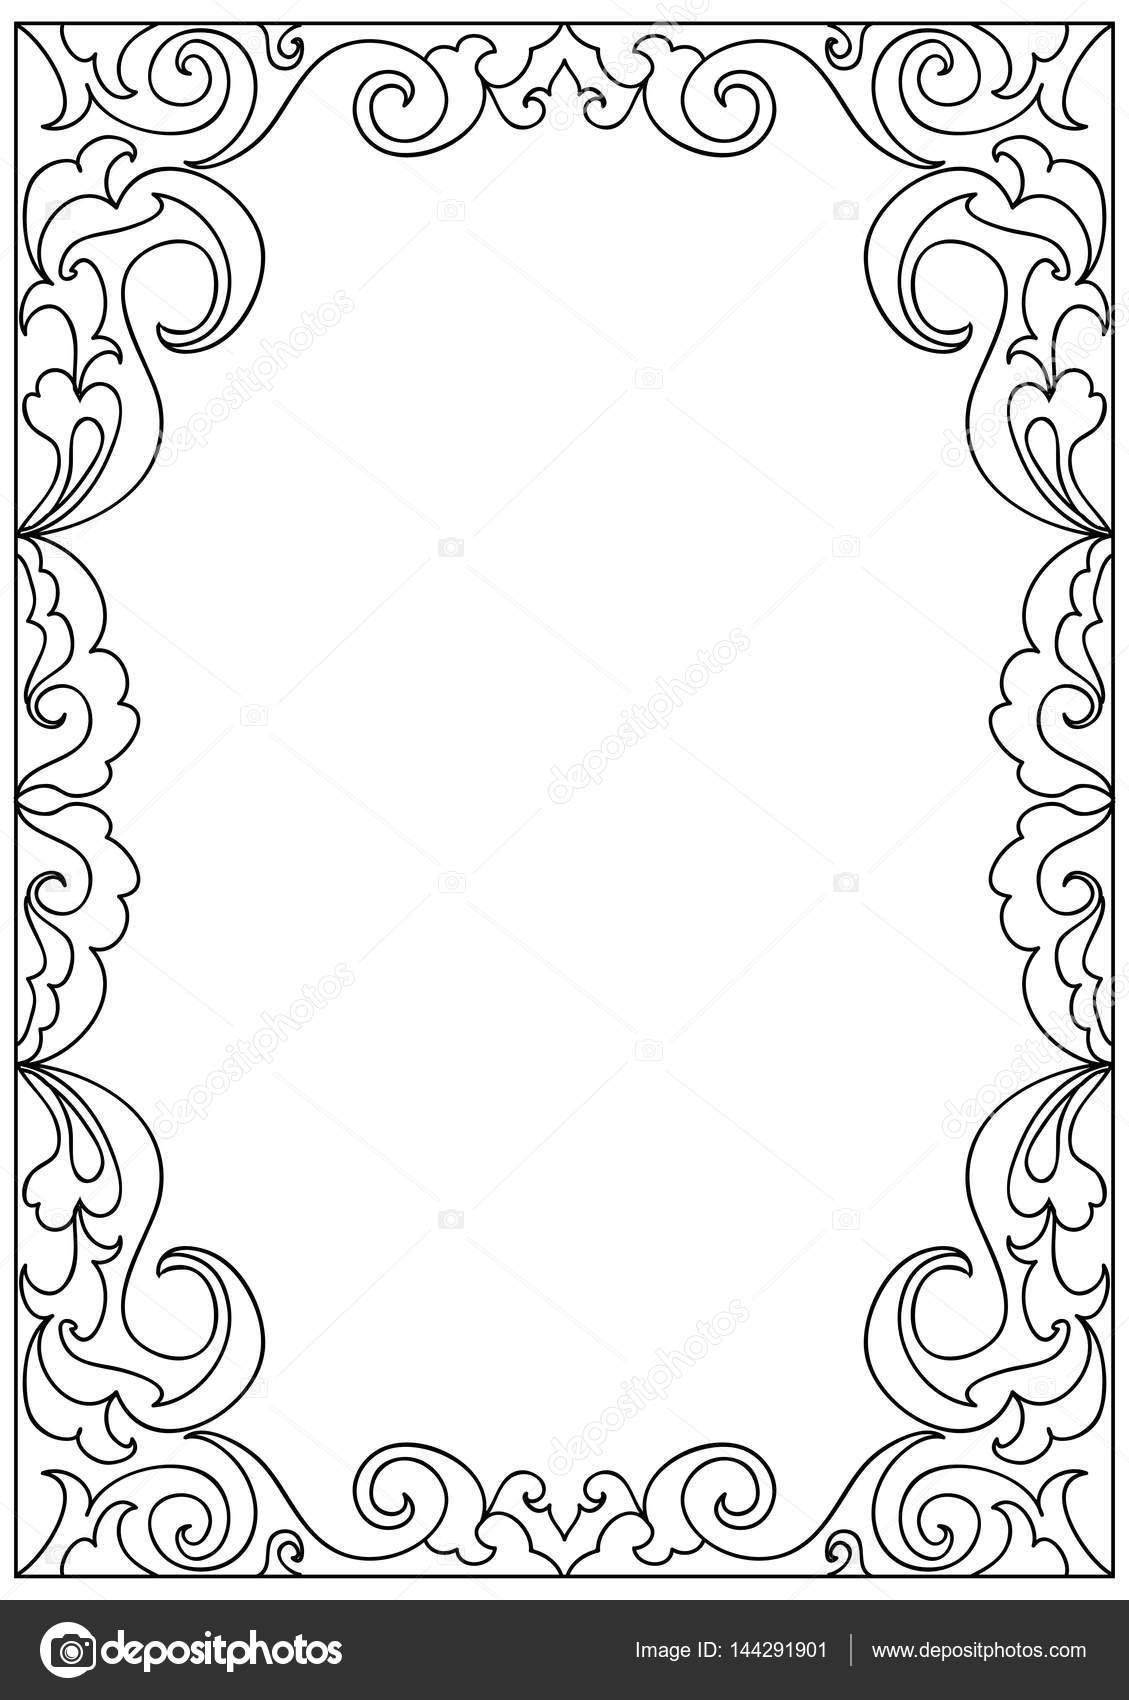 Dibujos Marcos Para Colorear Página De Marco Decorativo